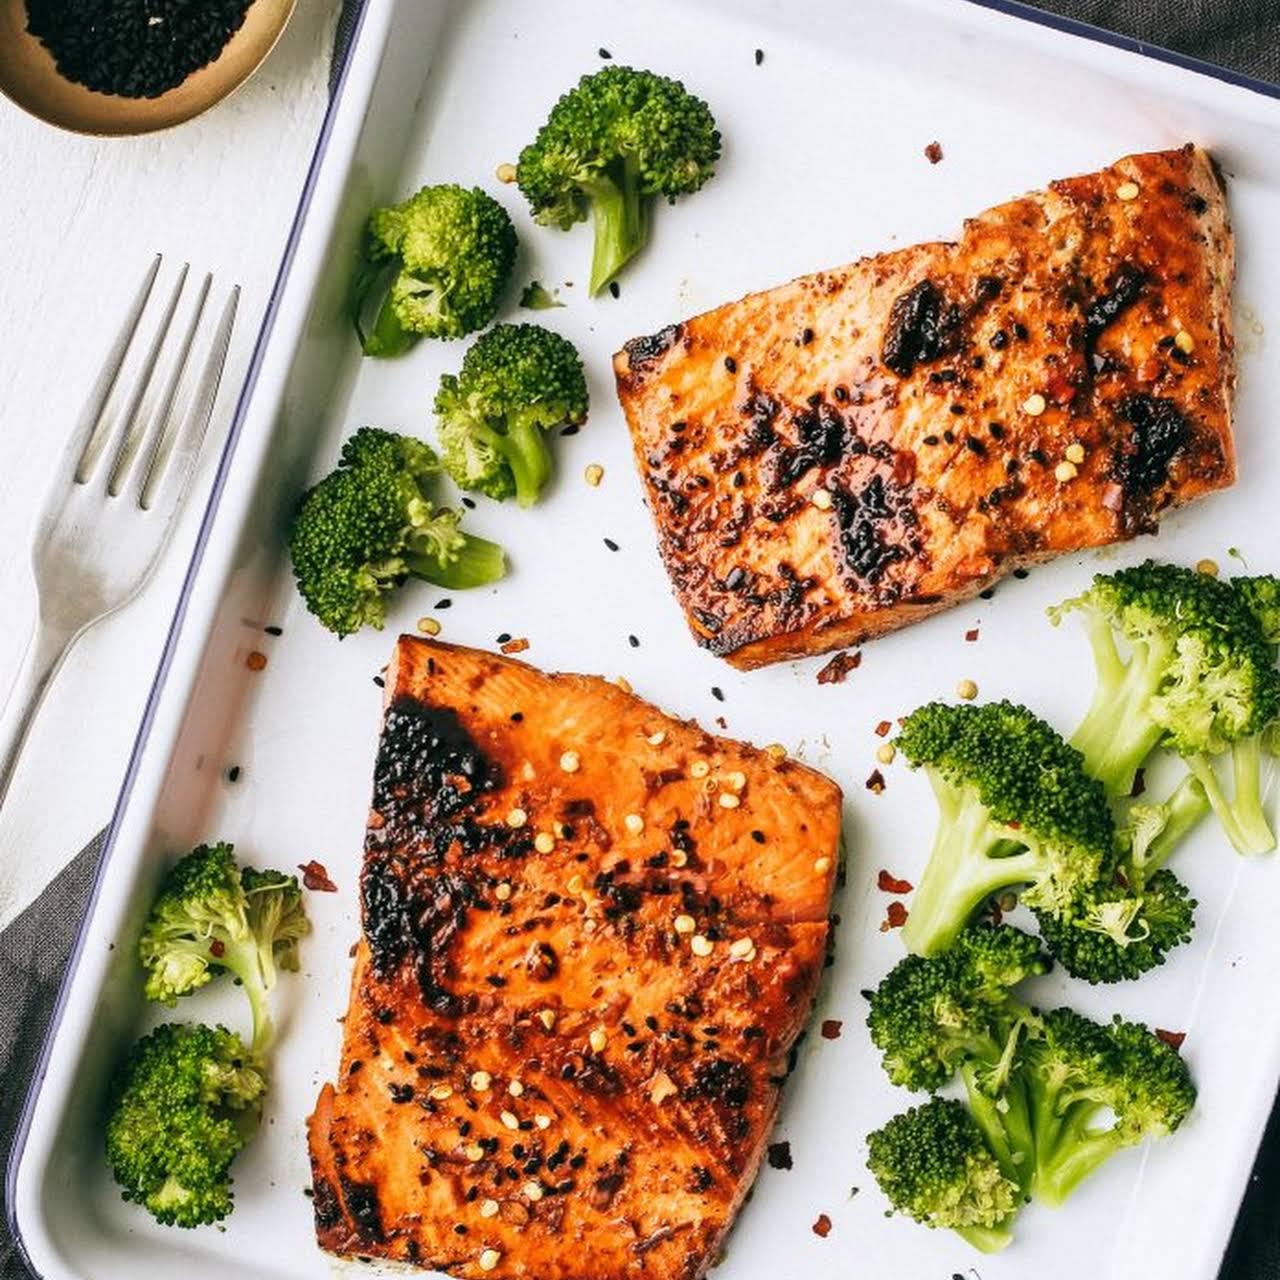 Go-To Glazed Salmon